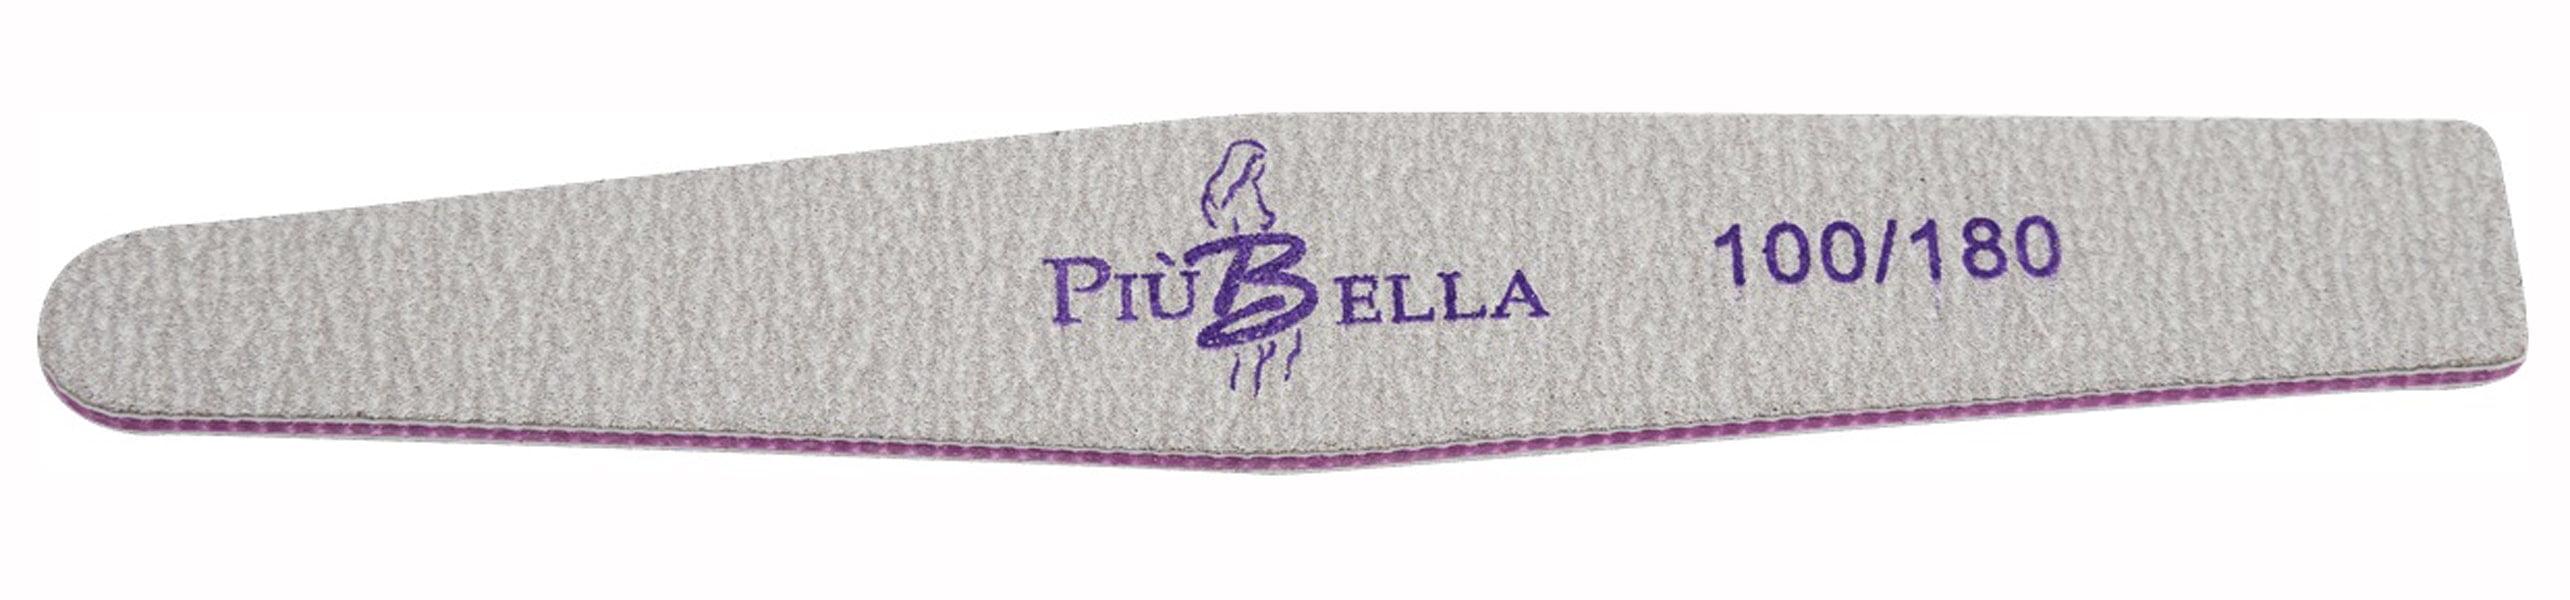 Lixa para unha Piu Bella Flex Premium 100/180